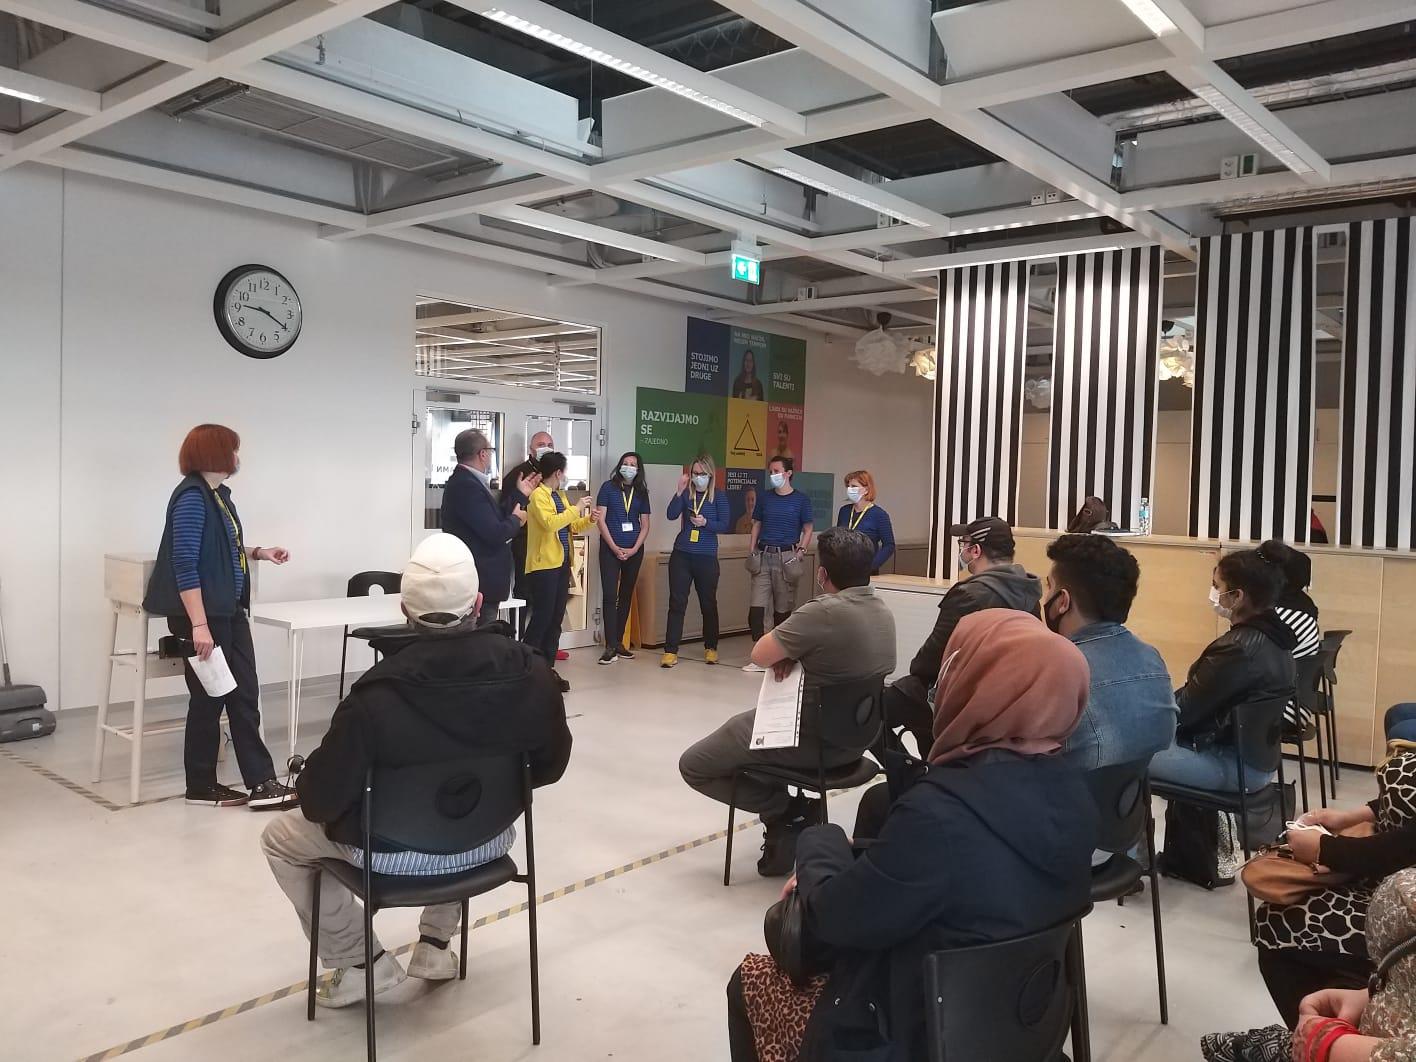 KORISNICI/CE PROJEKTA ''NOVI SUSJEDI'' ZAPOČELI PRIPRAVNIČKI RAD U IKEA TRGOVINI - Centar za kulturu dijaloga - CKD